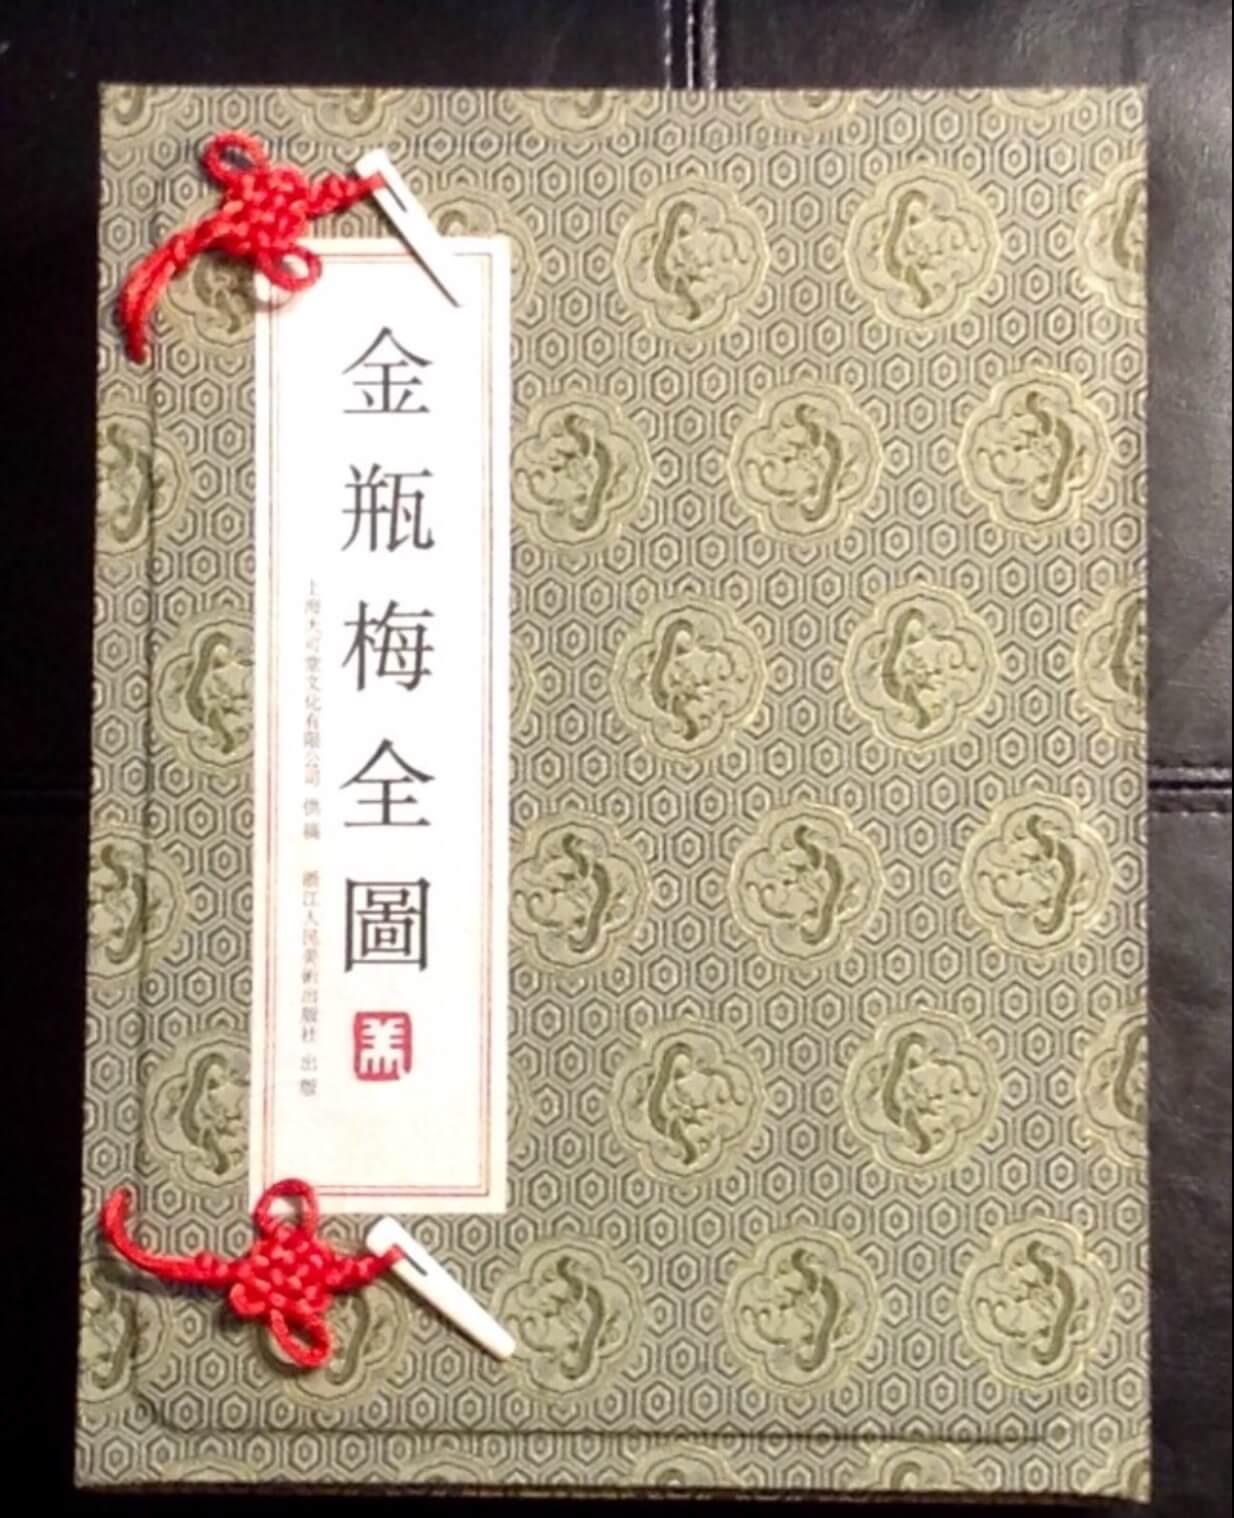 《金瓶梅全圖》錦盒